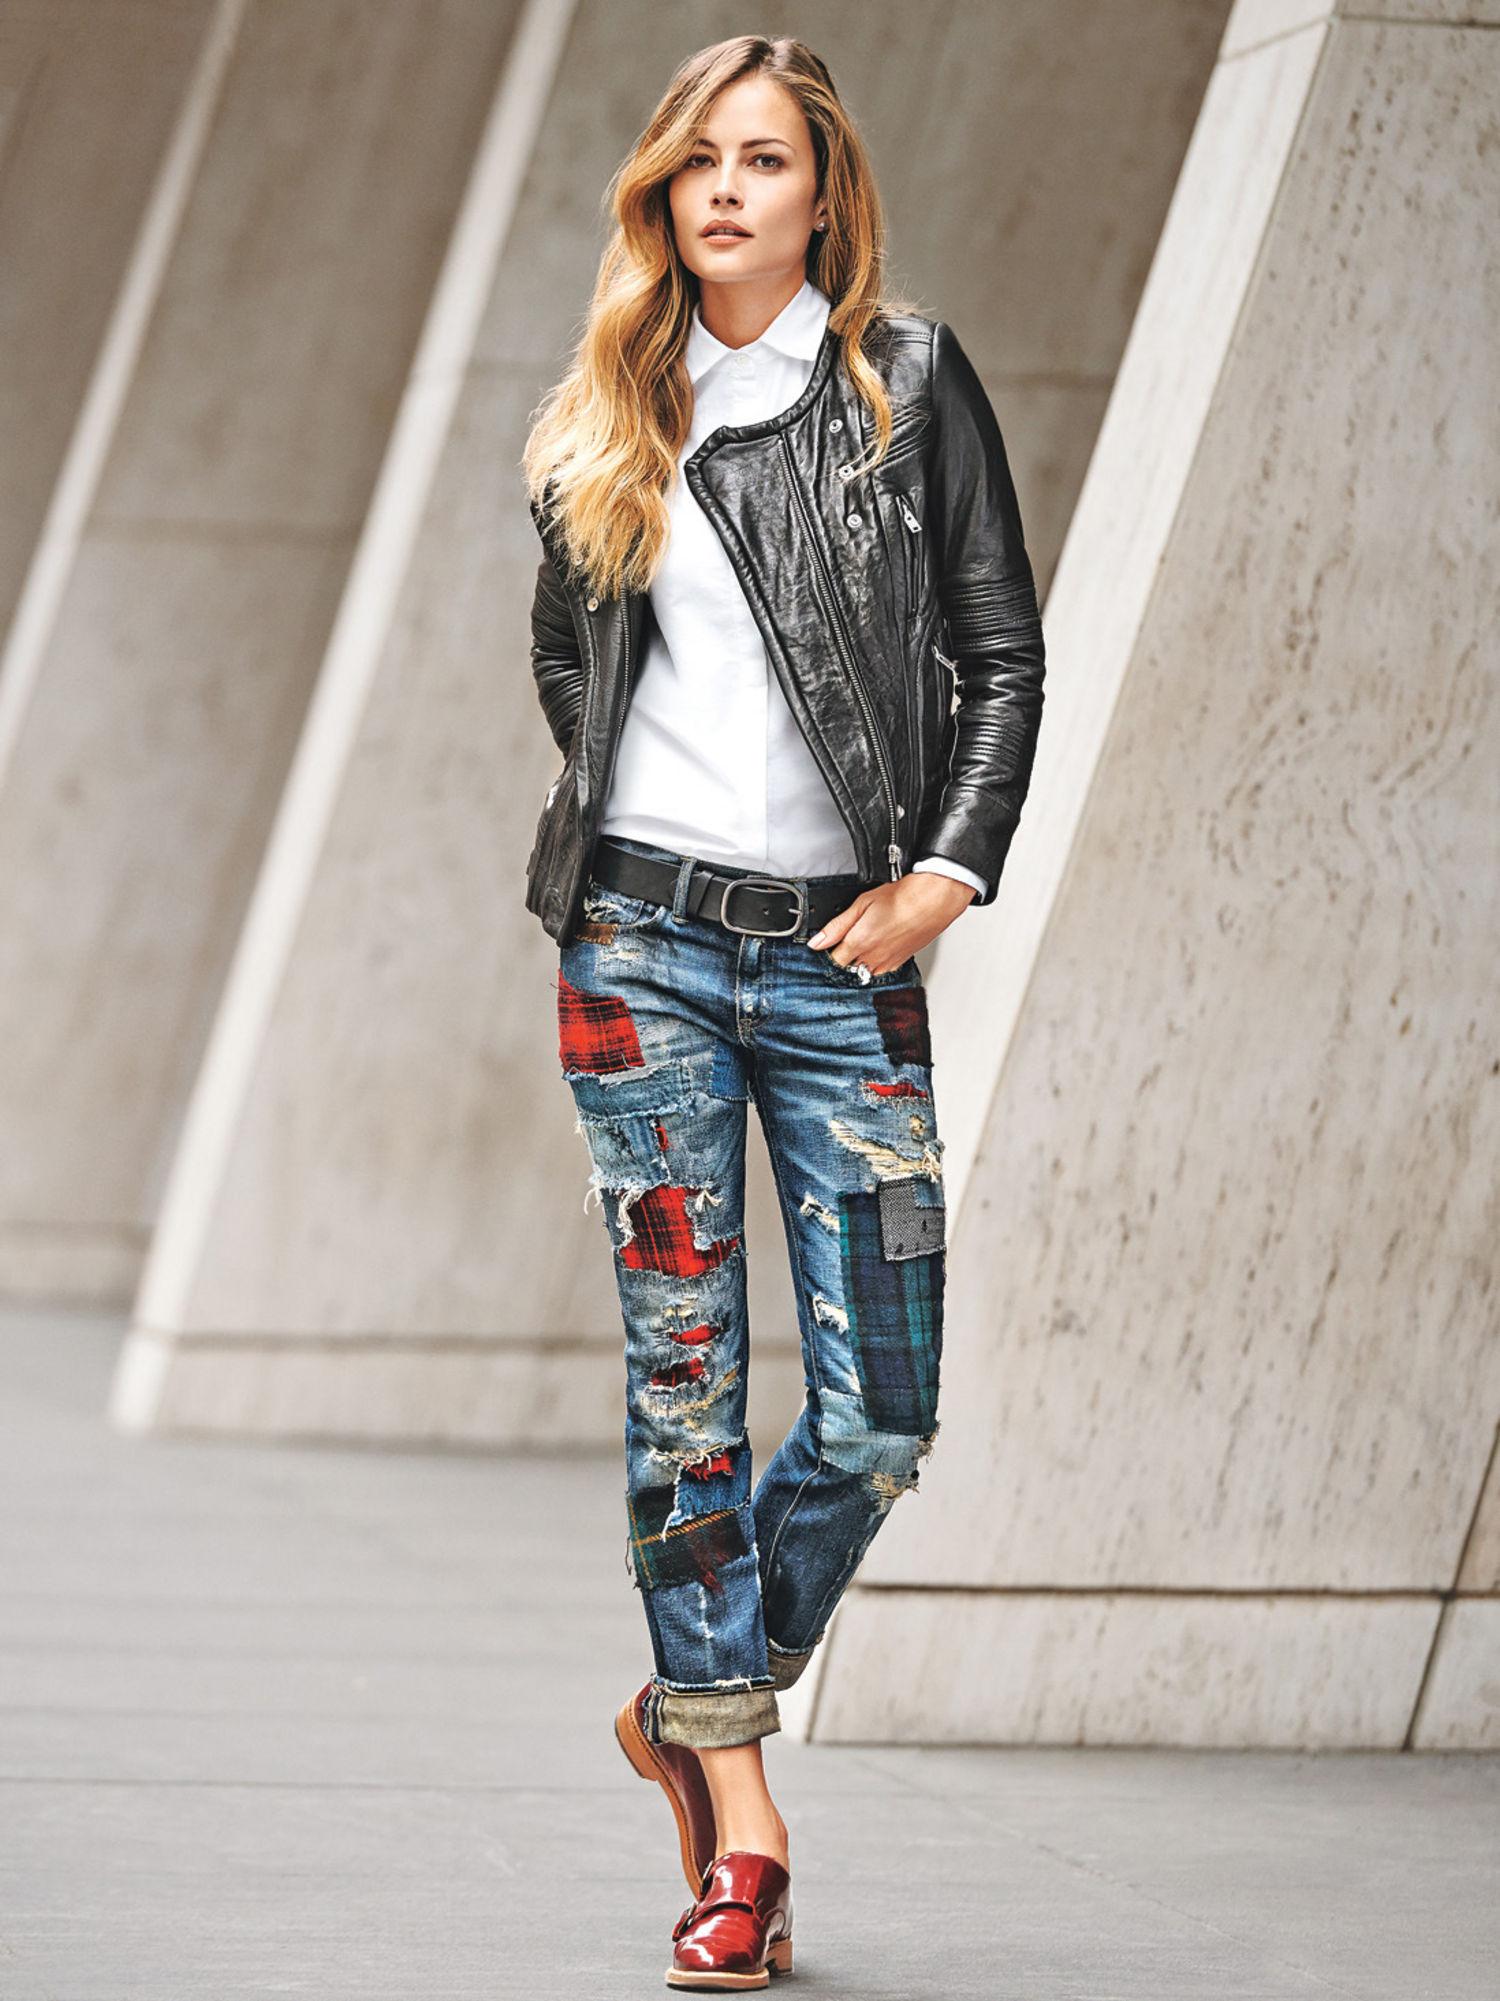 Яркие цветные модные джинсы 2017 с черной кожаной курткой